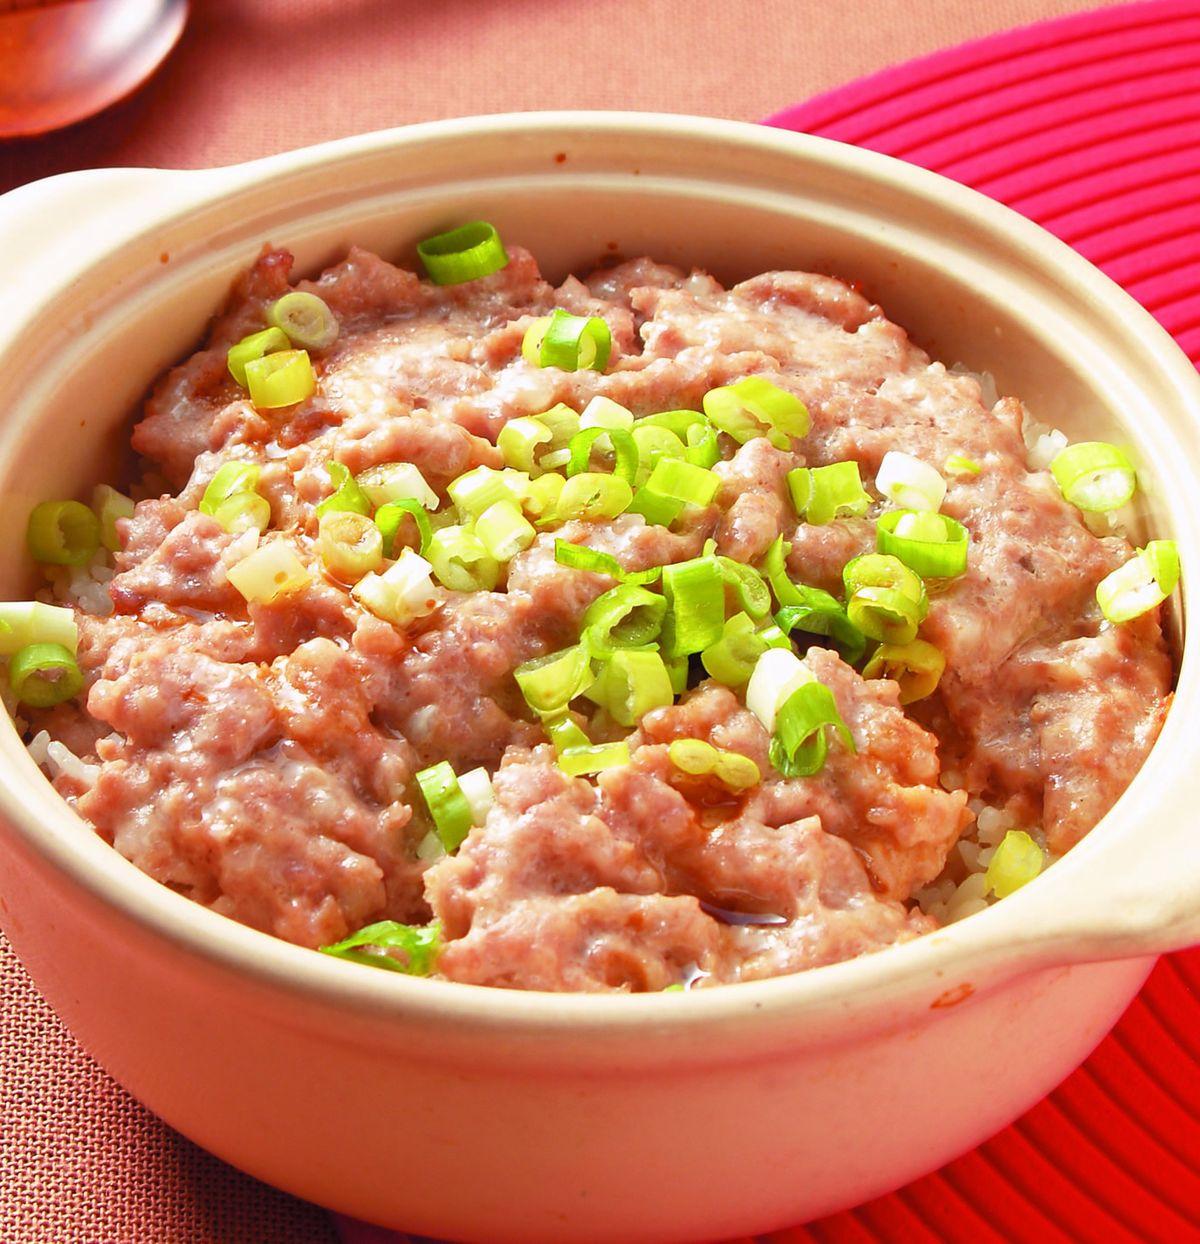 食譜:鹹魚肉餅煲仔飯